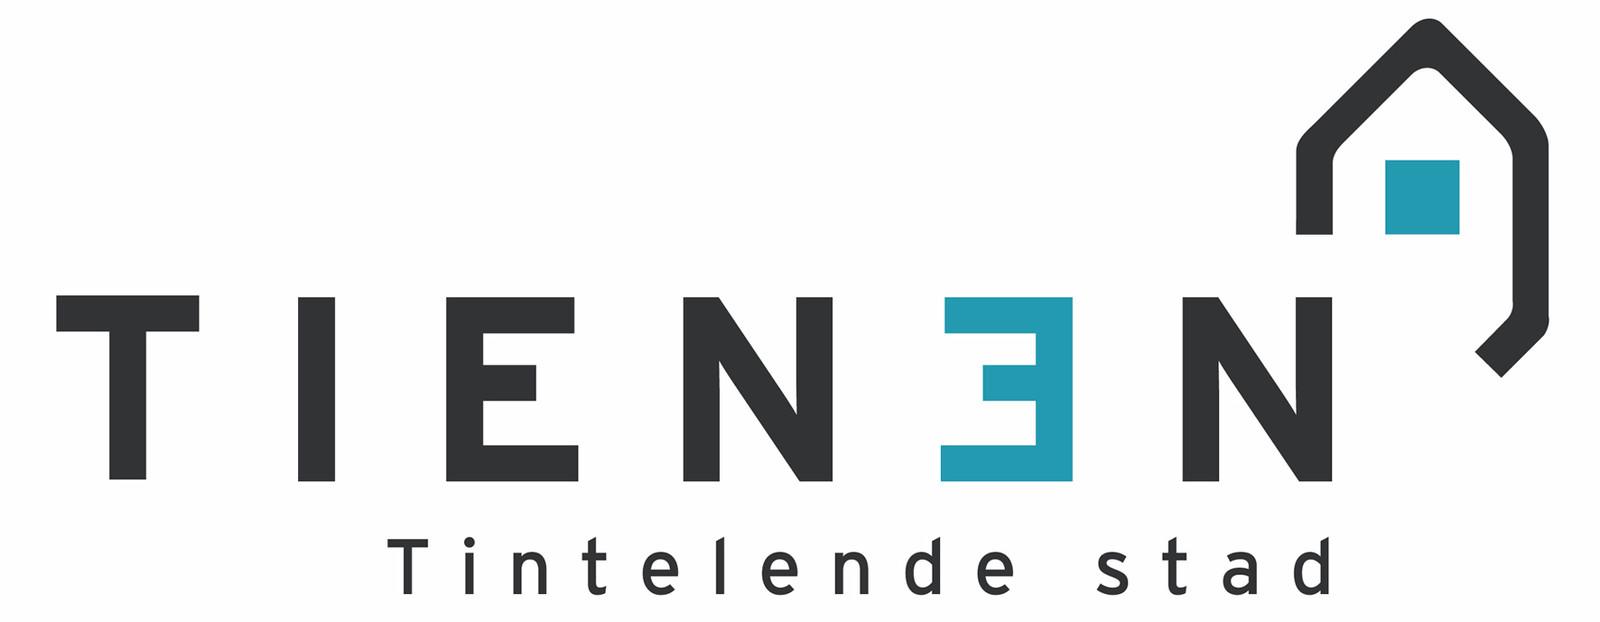 Logo van de stad Tienen.